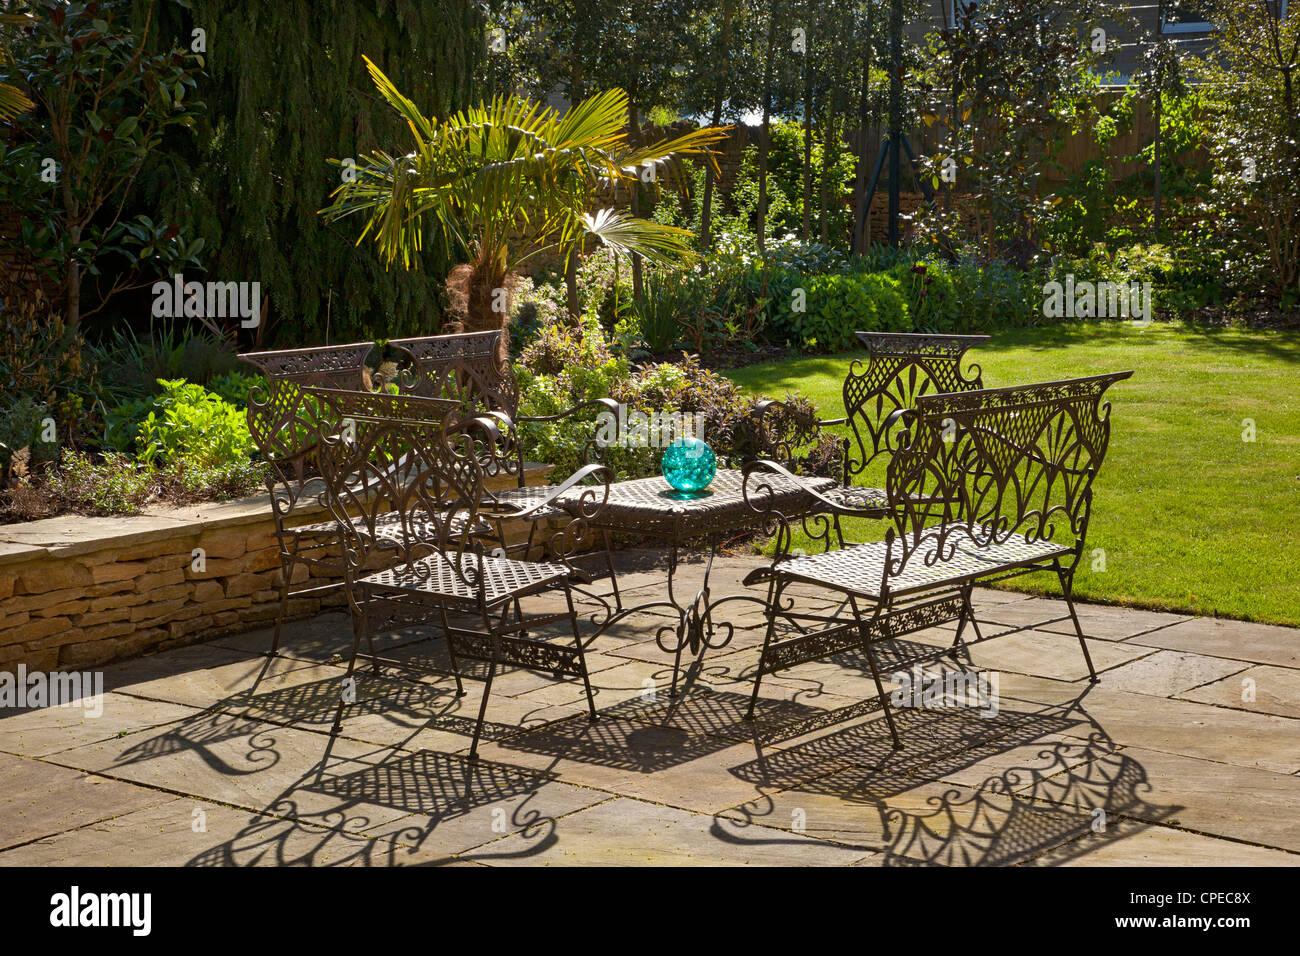 Stile francese tavolo in metallo e sedie mobili su pietra patio nel giardino estivo foto - Tavolo in pietra giardino ...